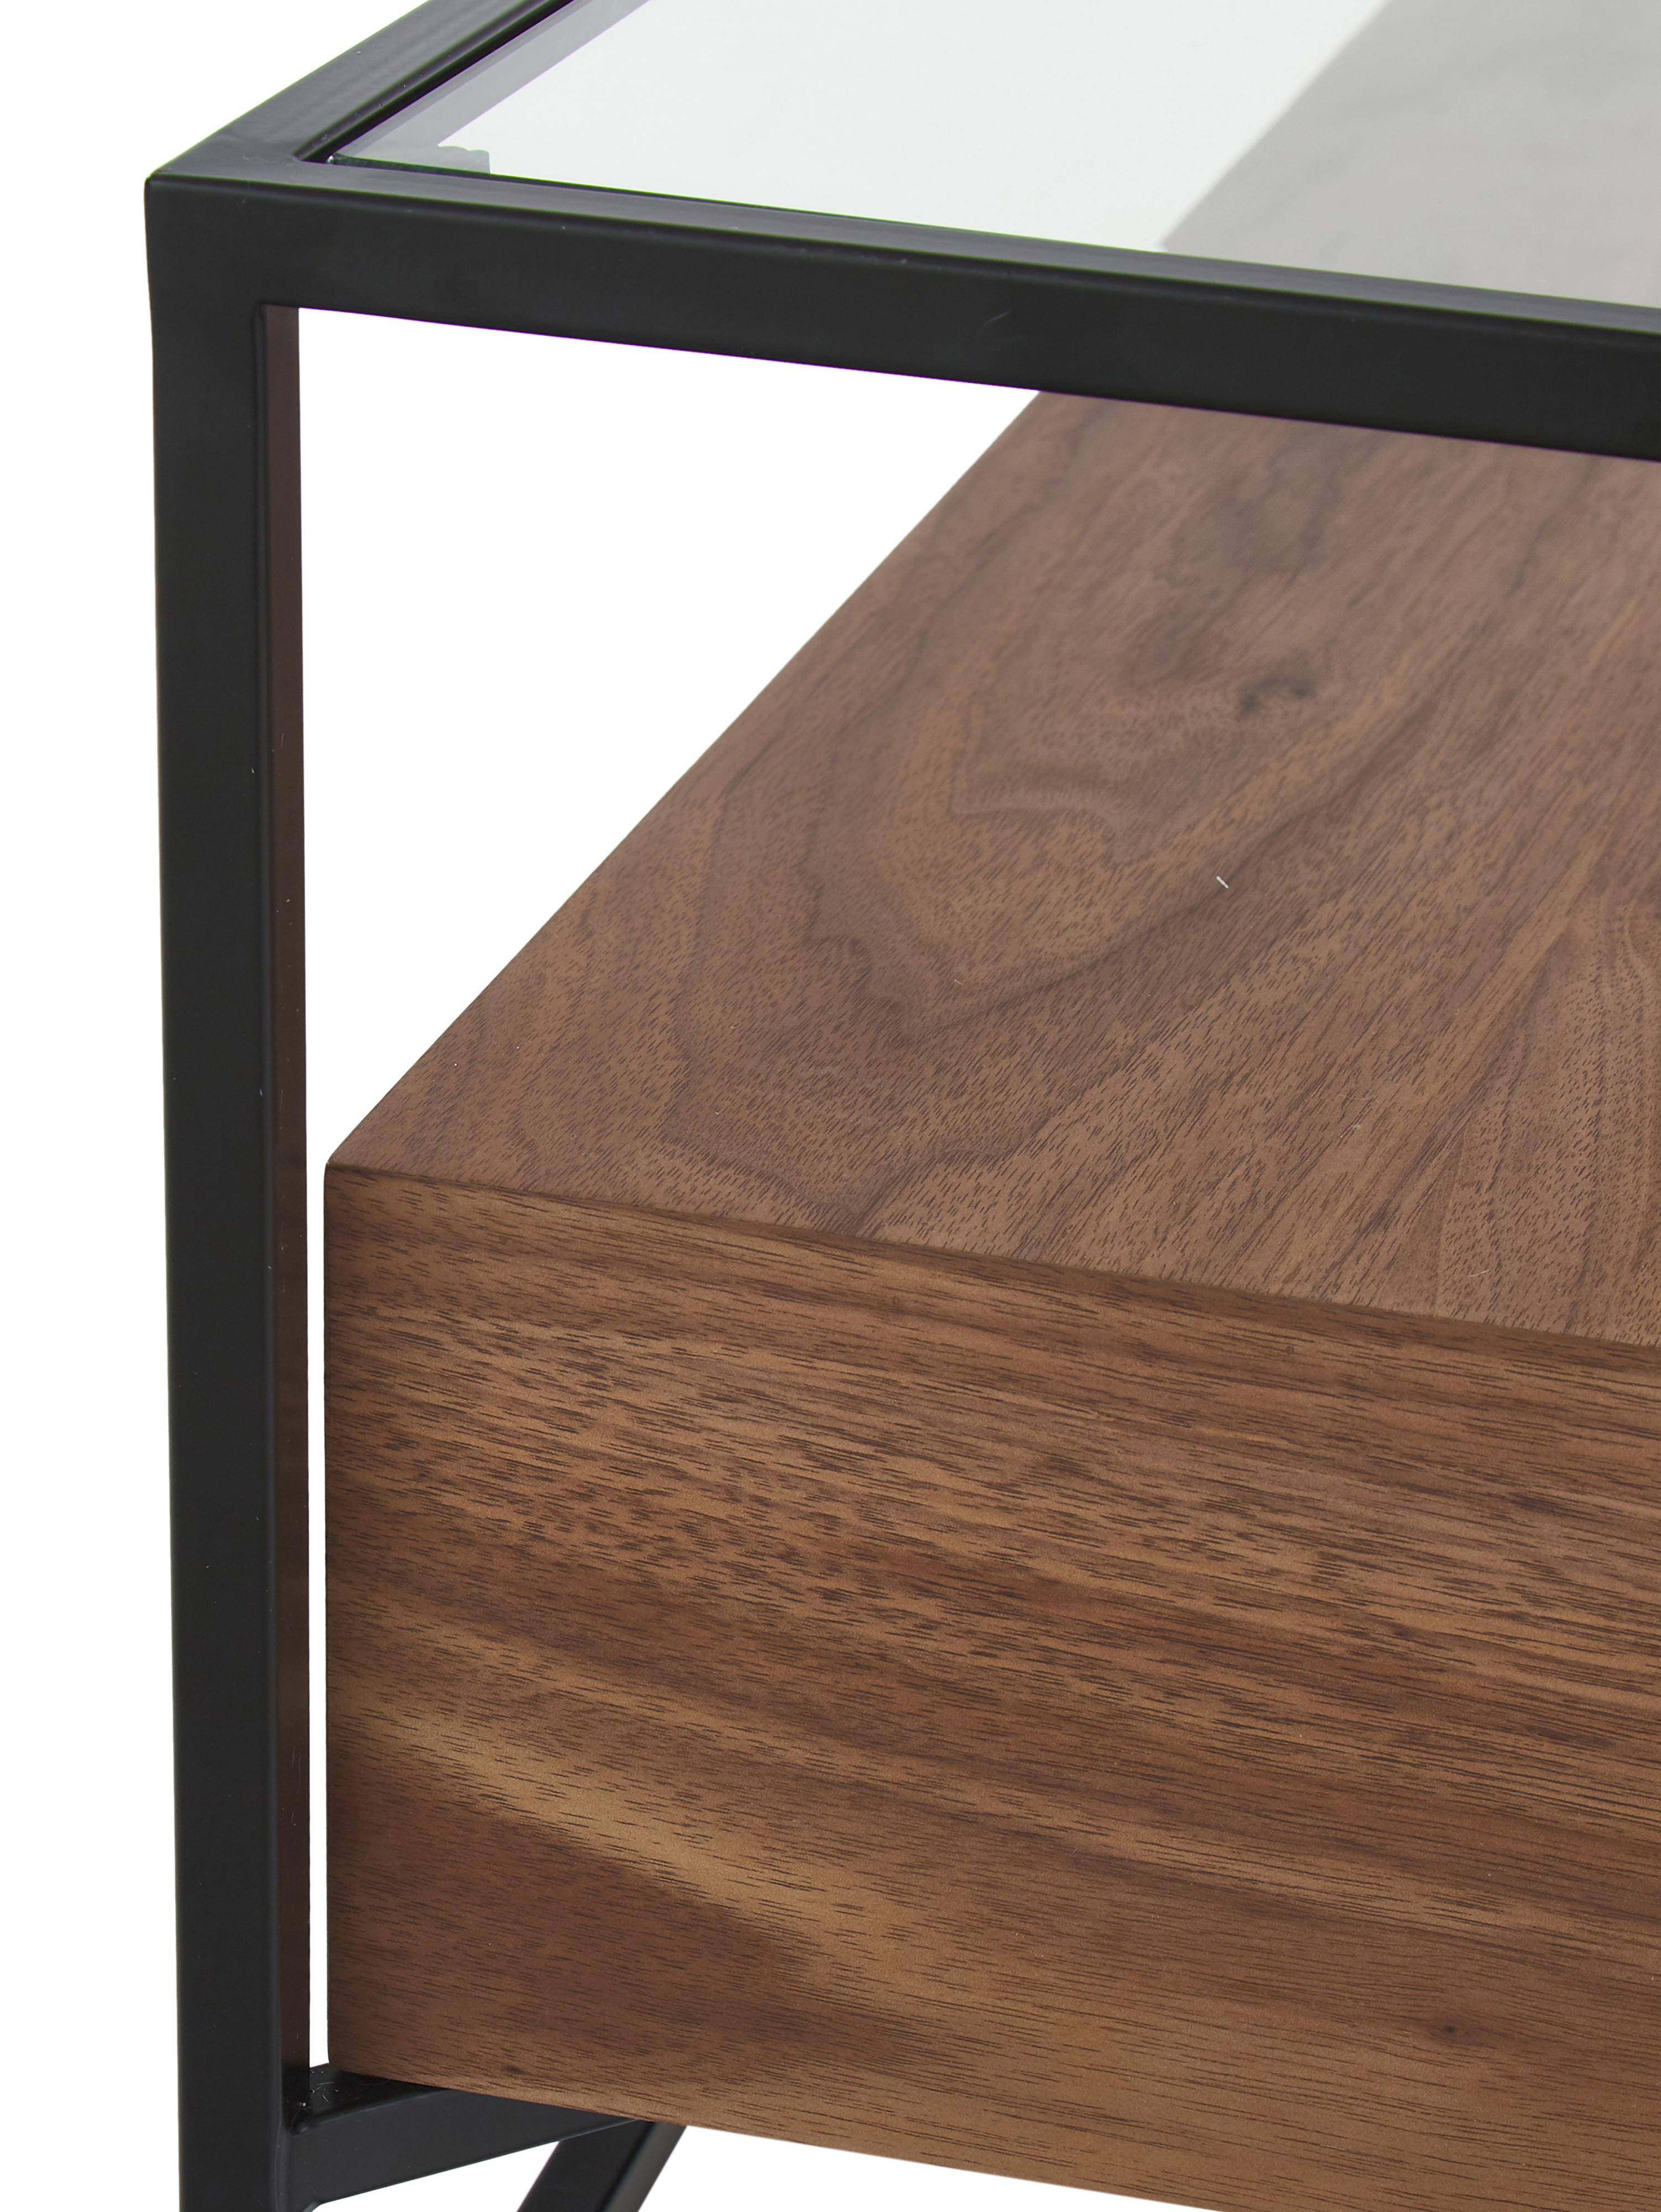 Mesa de centro con cajones Helix, Estructura: metal con pintura en polv, Negro, marrón, An 120 x Al 40 cm